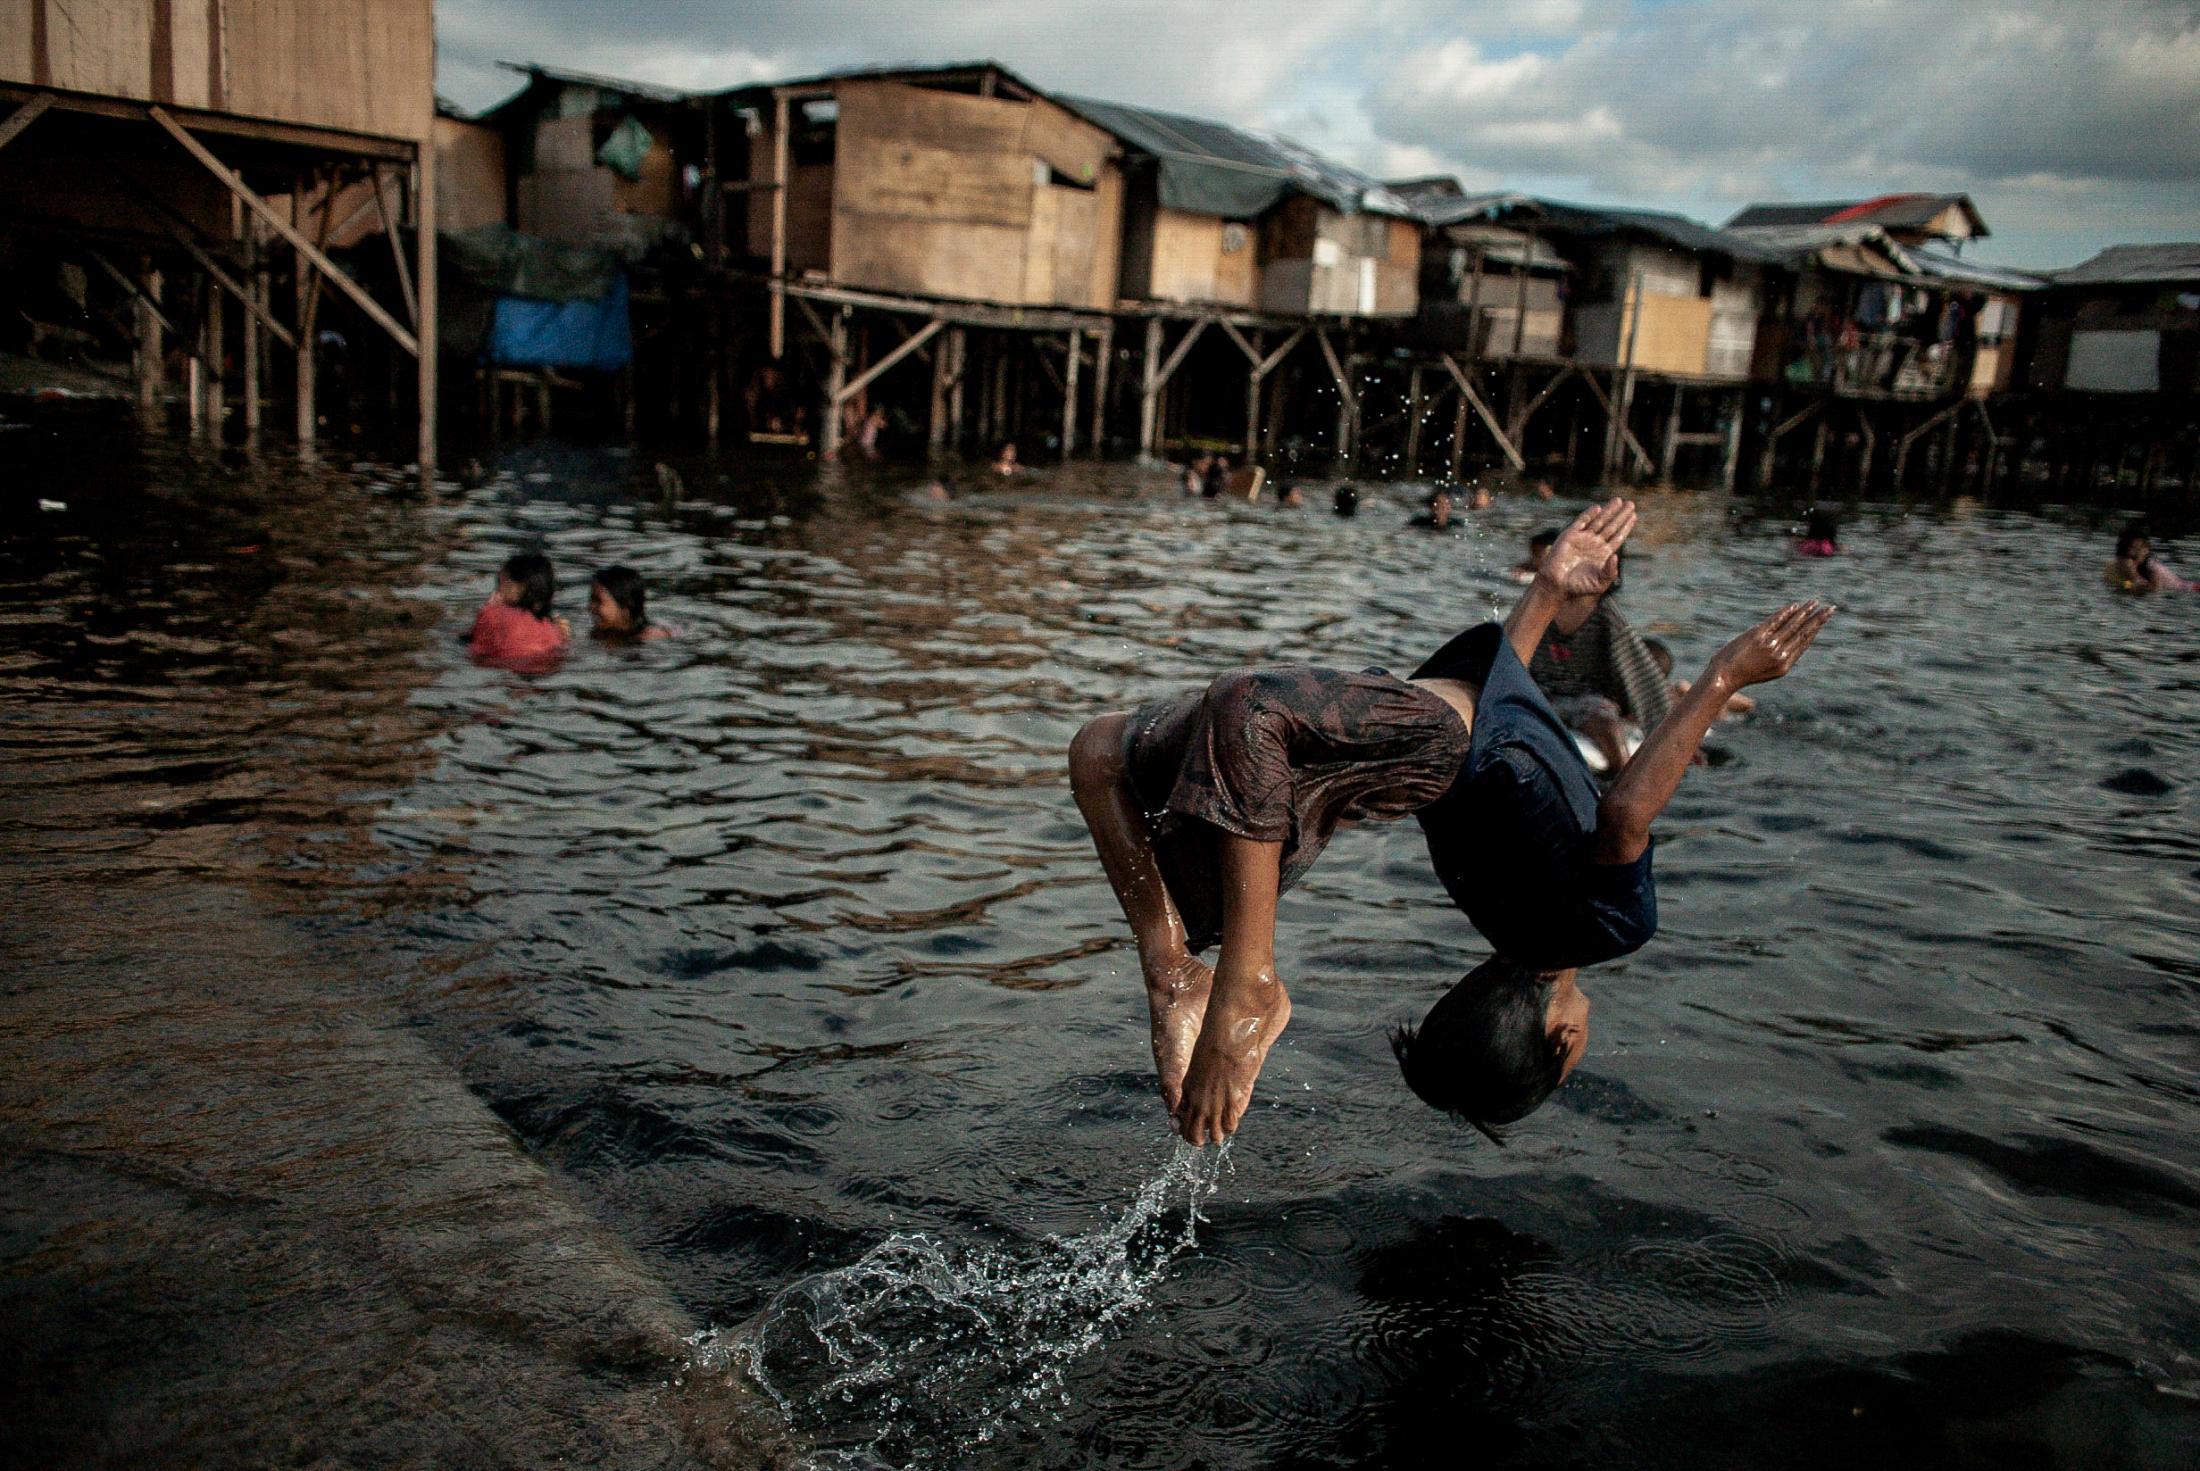 Poverty In Manila2/17/12 20120217-20120217-20120217-20120217-20120217-20120217-20120217-20120217-20120217-20120217-20120217-1.JPG